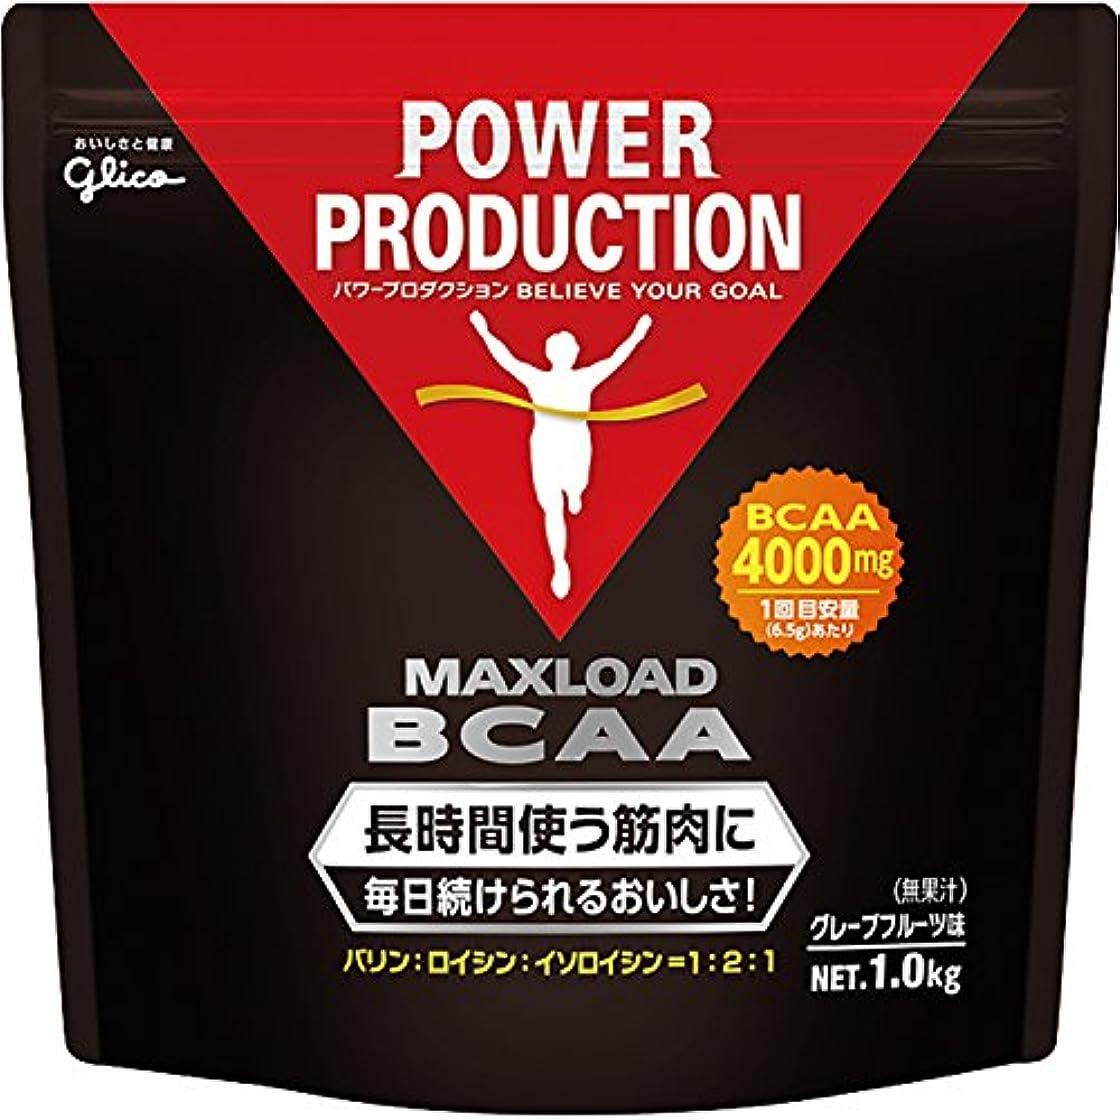 軽く天井クレタグリコ パワープロダクション マックスロード BCAA4000mg アミノ酸 グレープフルーツ風味 1kg【使用目安 約153回分】